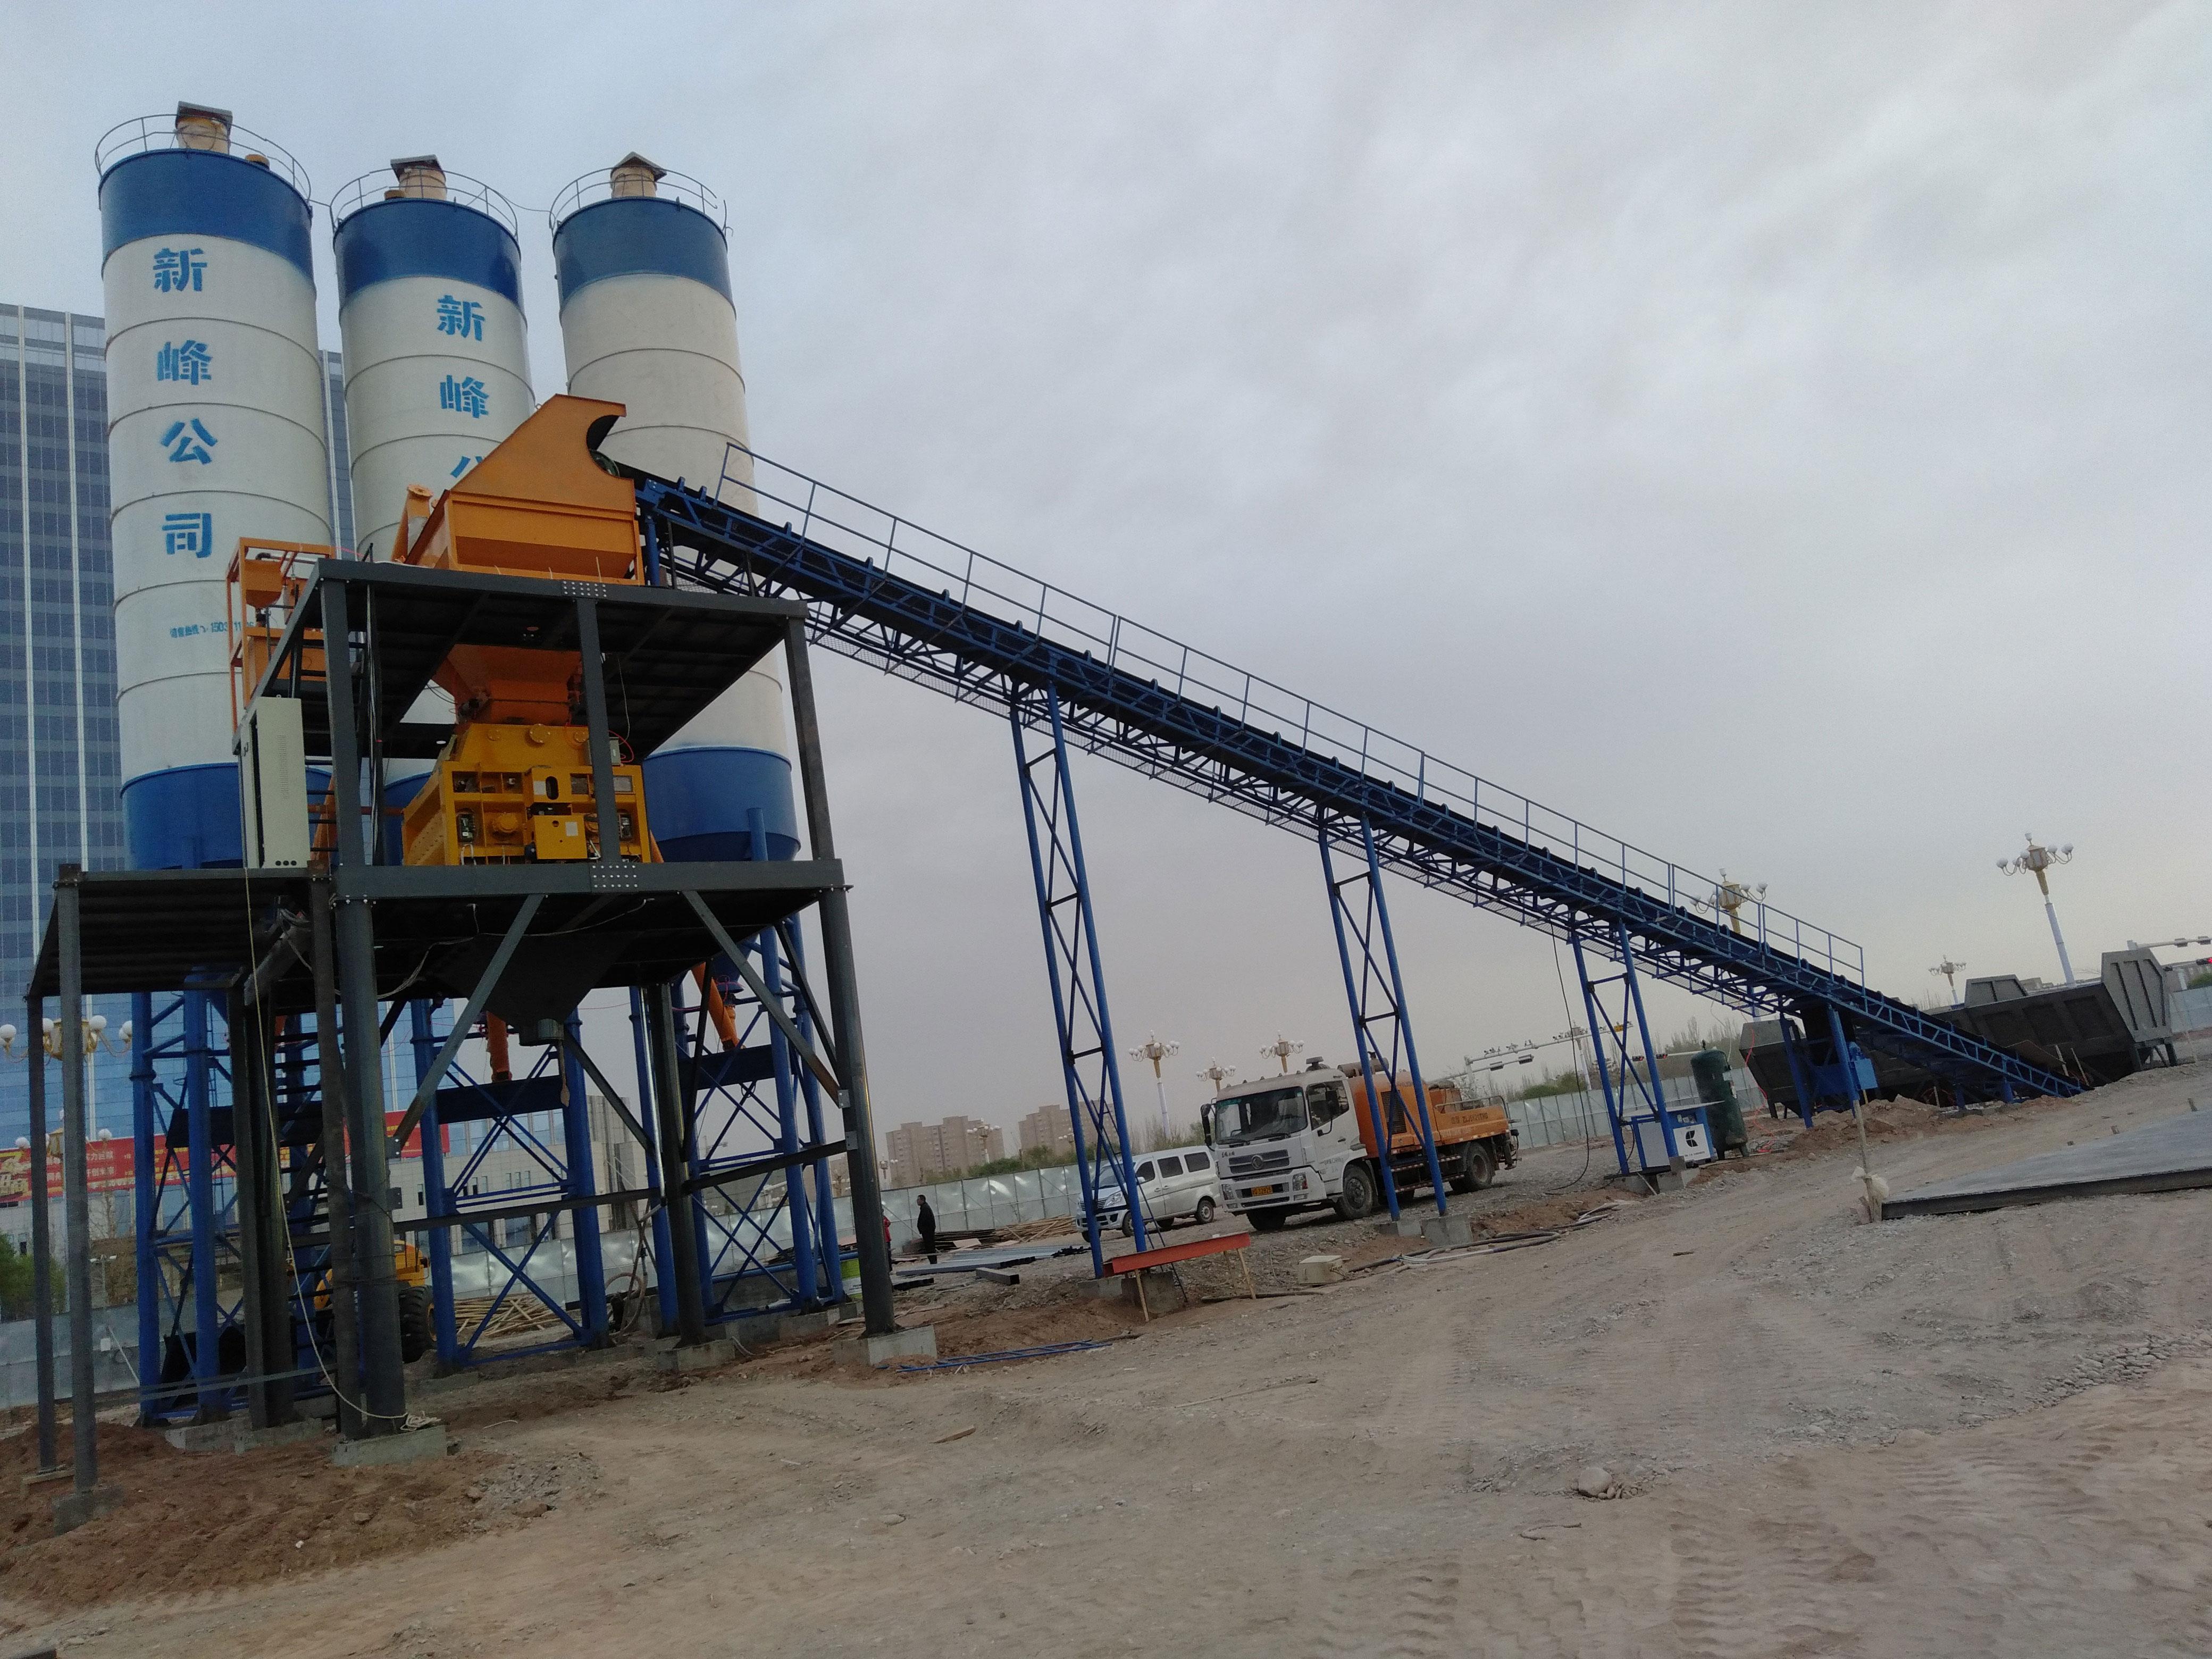 新疆喀什hzs120混凝土搅拌站安装成功现场.jpg